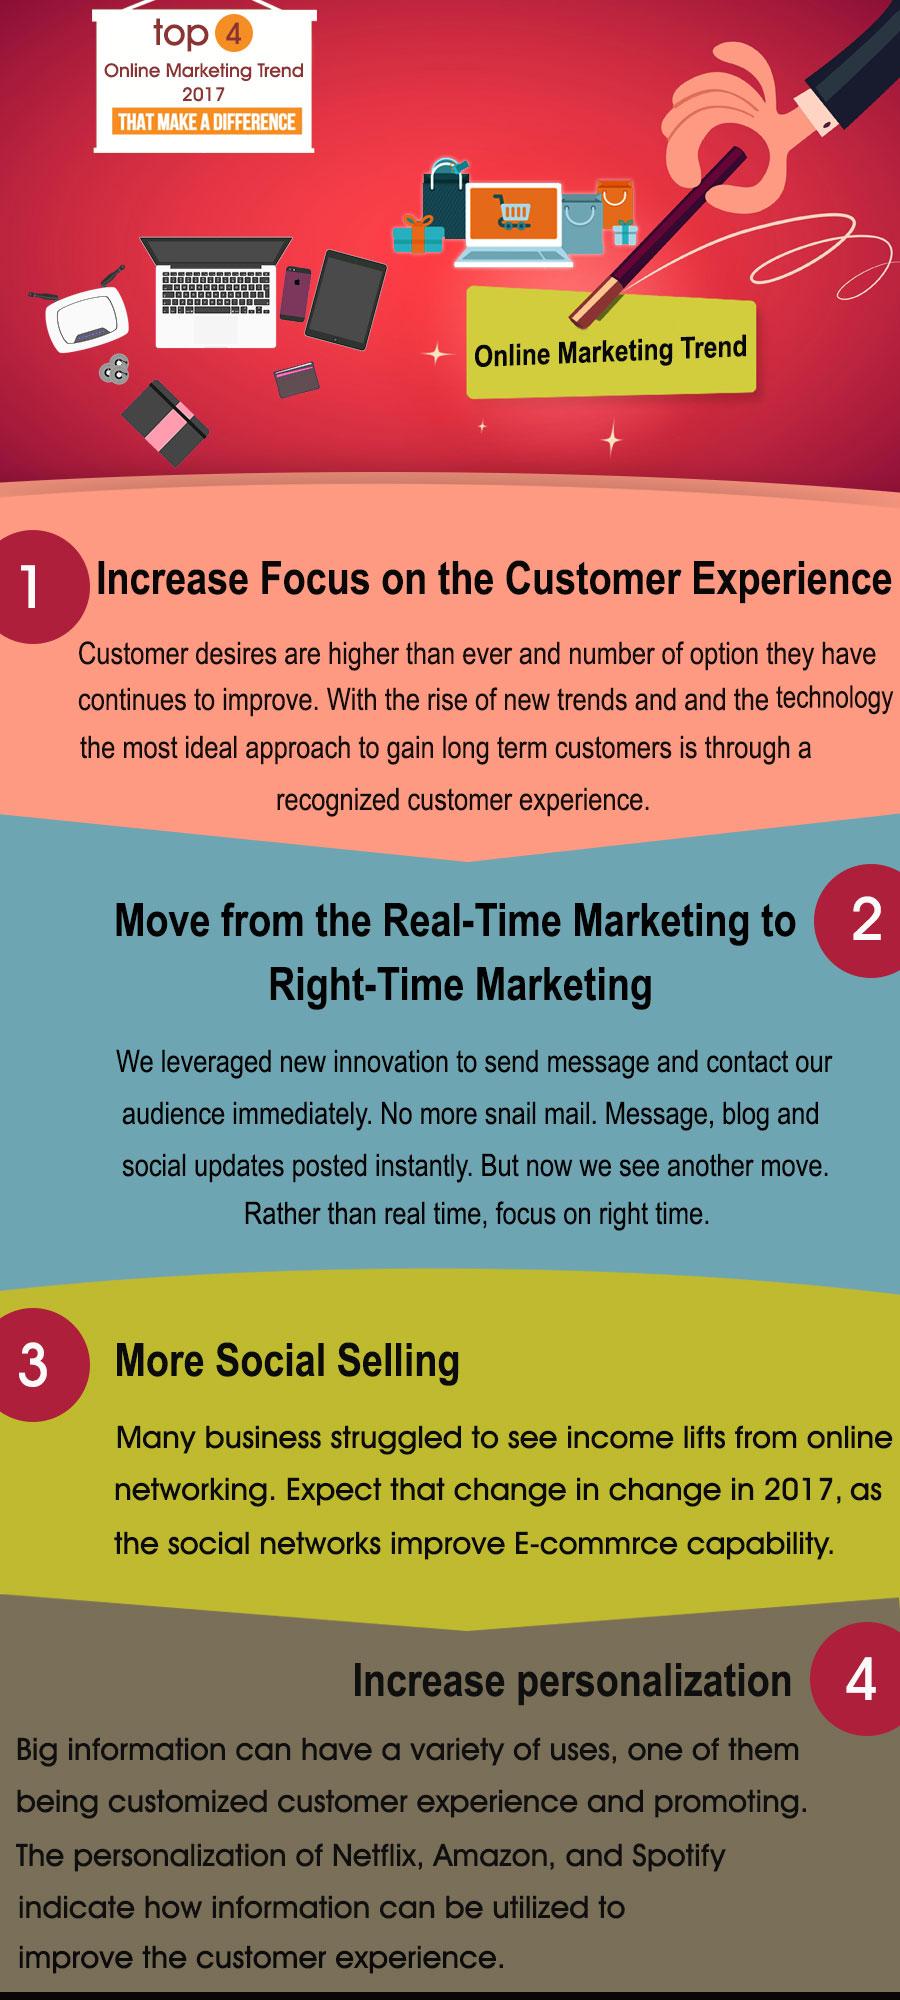 Top 4 Online Marketing Trend 2017